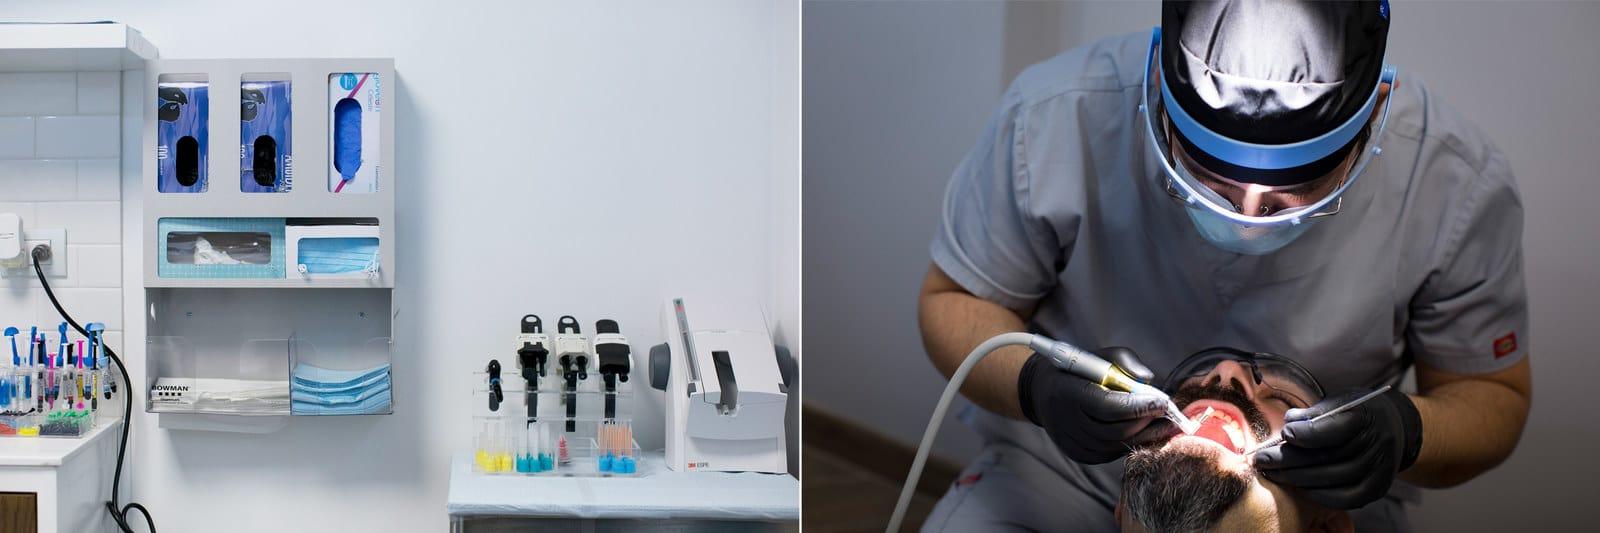 Стоматологические кабинеты мексиканских врачей вполне приличные. Фото: buzzfeed.com